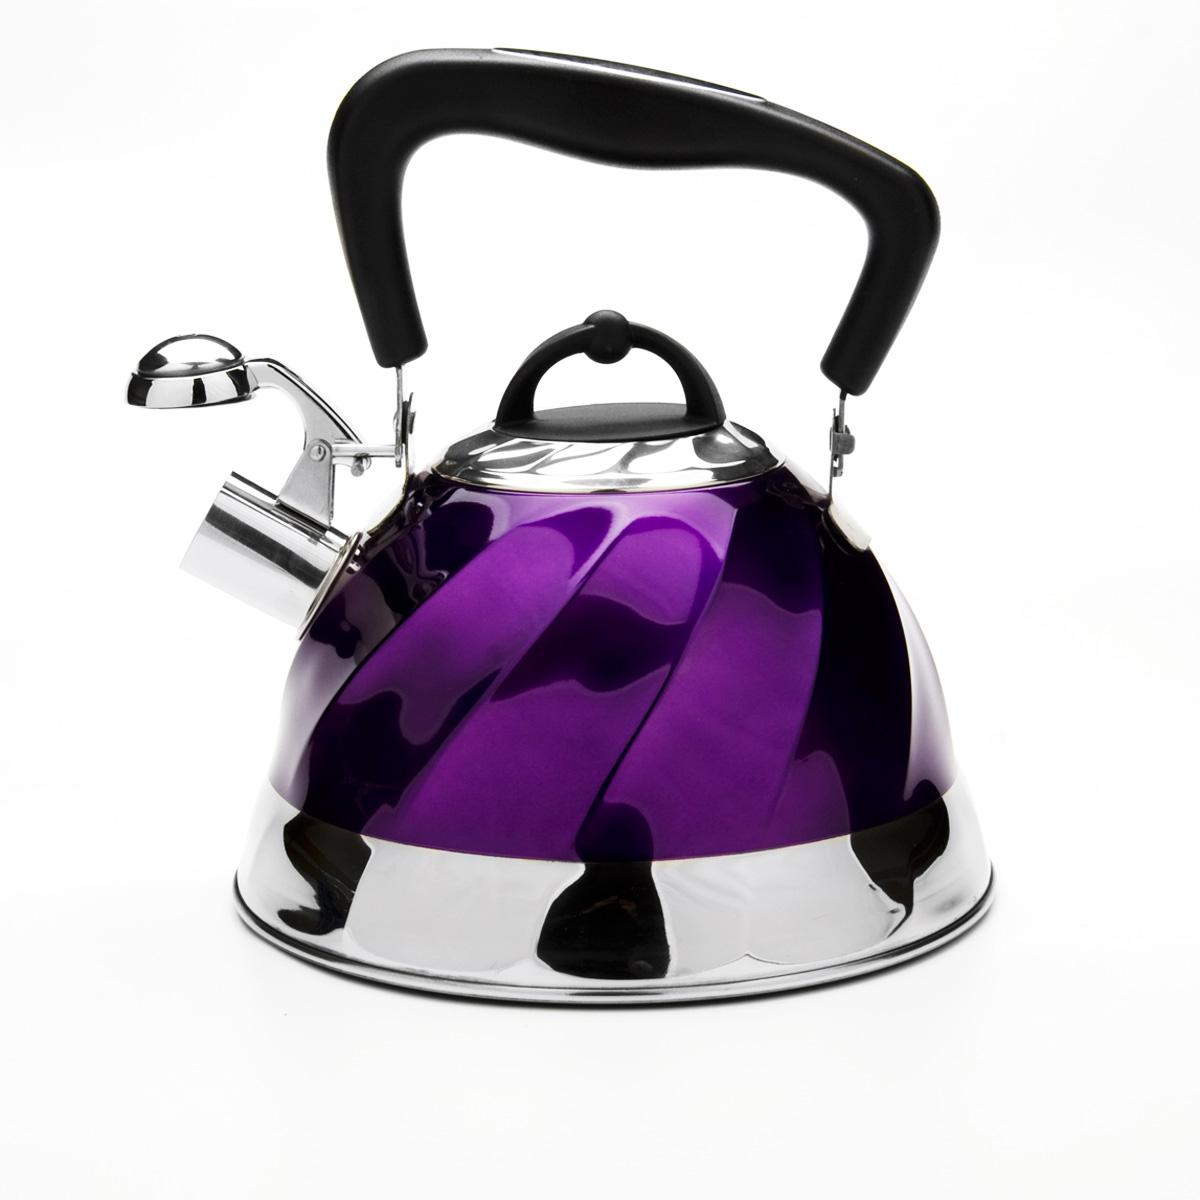 Чайник Mayer & Boch со свистком, цвет: фиолетовый, 3 л. 2378523785Чайник Mayer & Boch выполнен из высококачественной нержавеющей стали, что обеспечивает долговечность использования. Внешнее цветное эмалевоепокрытие придает приятный внешний вид. Подвижная ручка из бакелита делает использование чайника очень удобным и безопасным. Чайник снабжен свистком и устройством для открывания носика. Можно мыть в посудомоечной машине. Пригоден для всех видов плит, кроме индукционных. Высота чайника (без учета крышки и ручки): 13 см.Диаметр основания: 22 см.